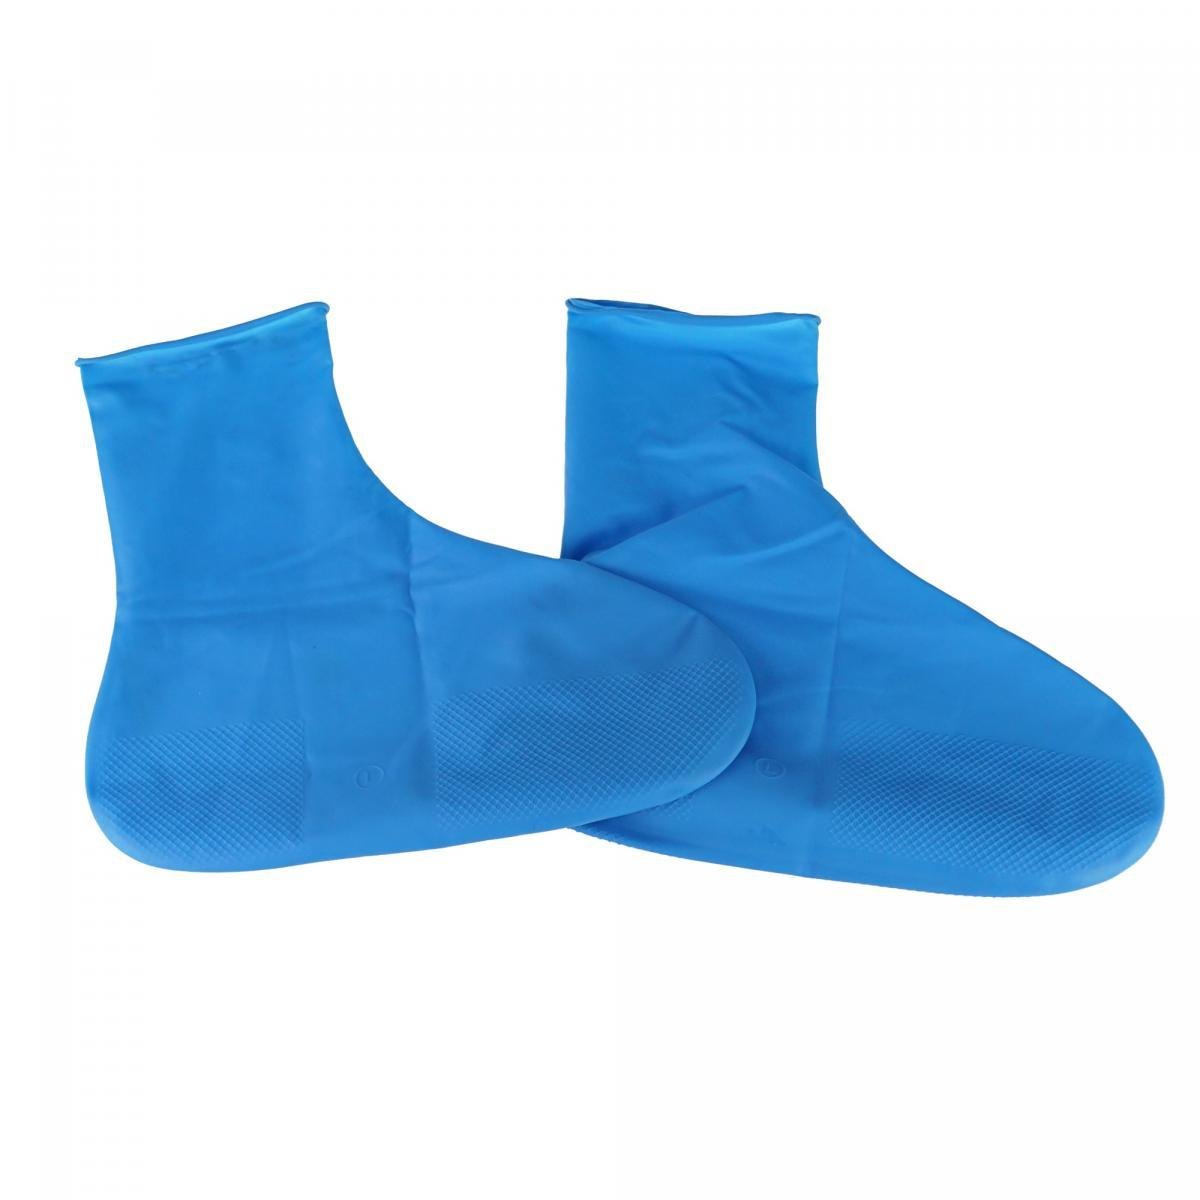 Резиновые бахилы на обувь от дождя, размер M